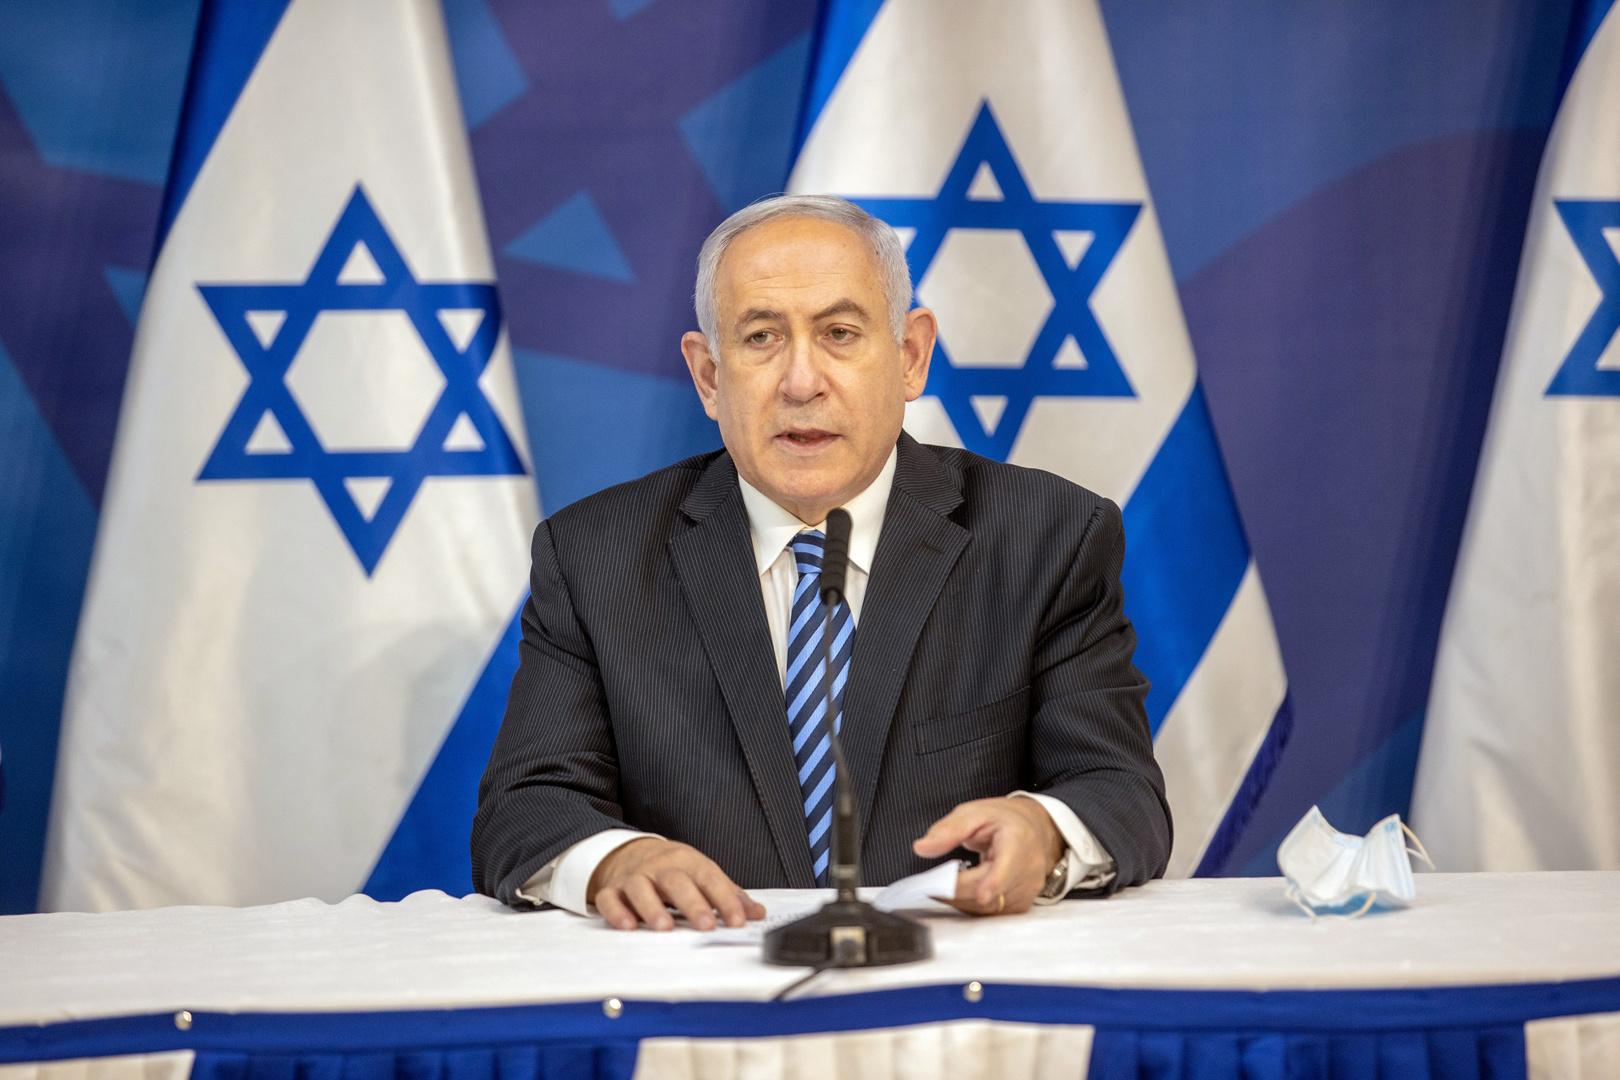 نتنياهو: البعثة الإسرائيلية التي توجهت للبحرين ستعمل على اتفاقية السلام